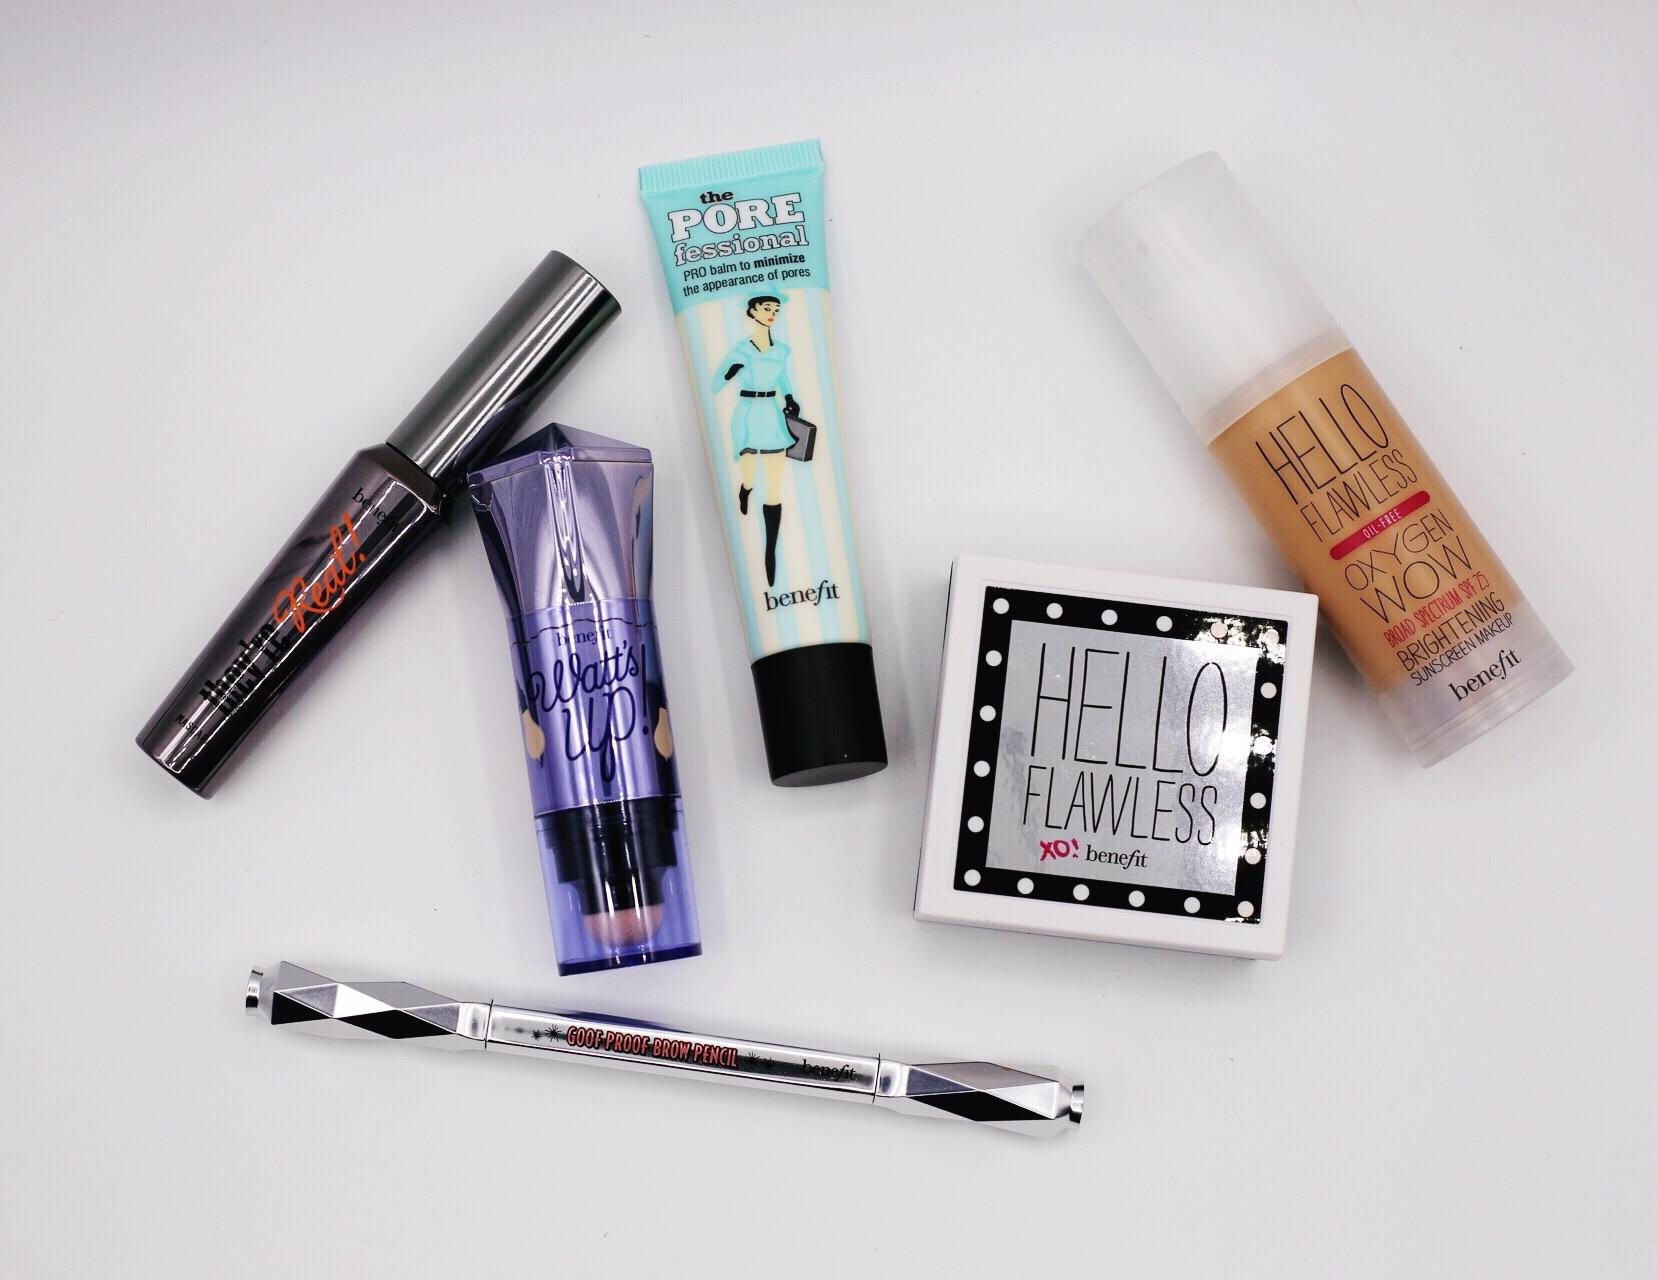 Kit de maquiagem da Benefit MARAVILHOSO!